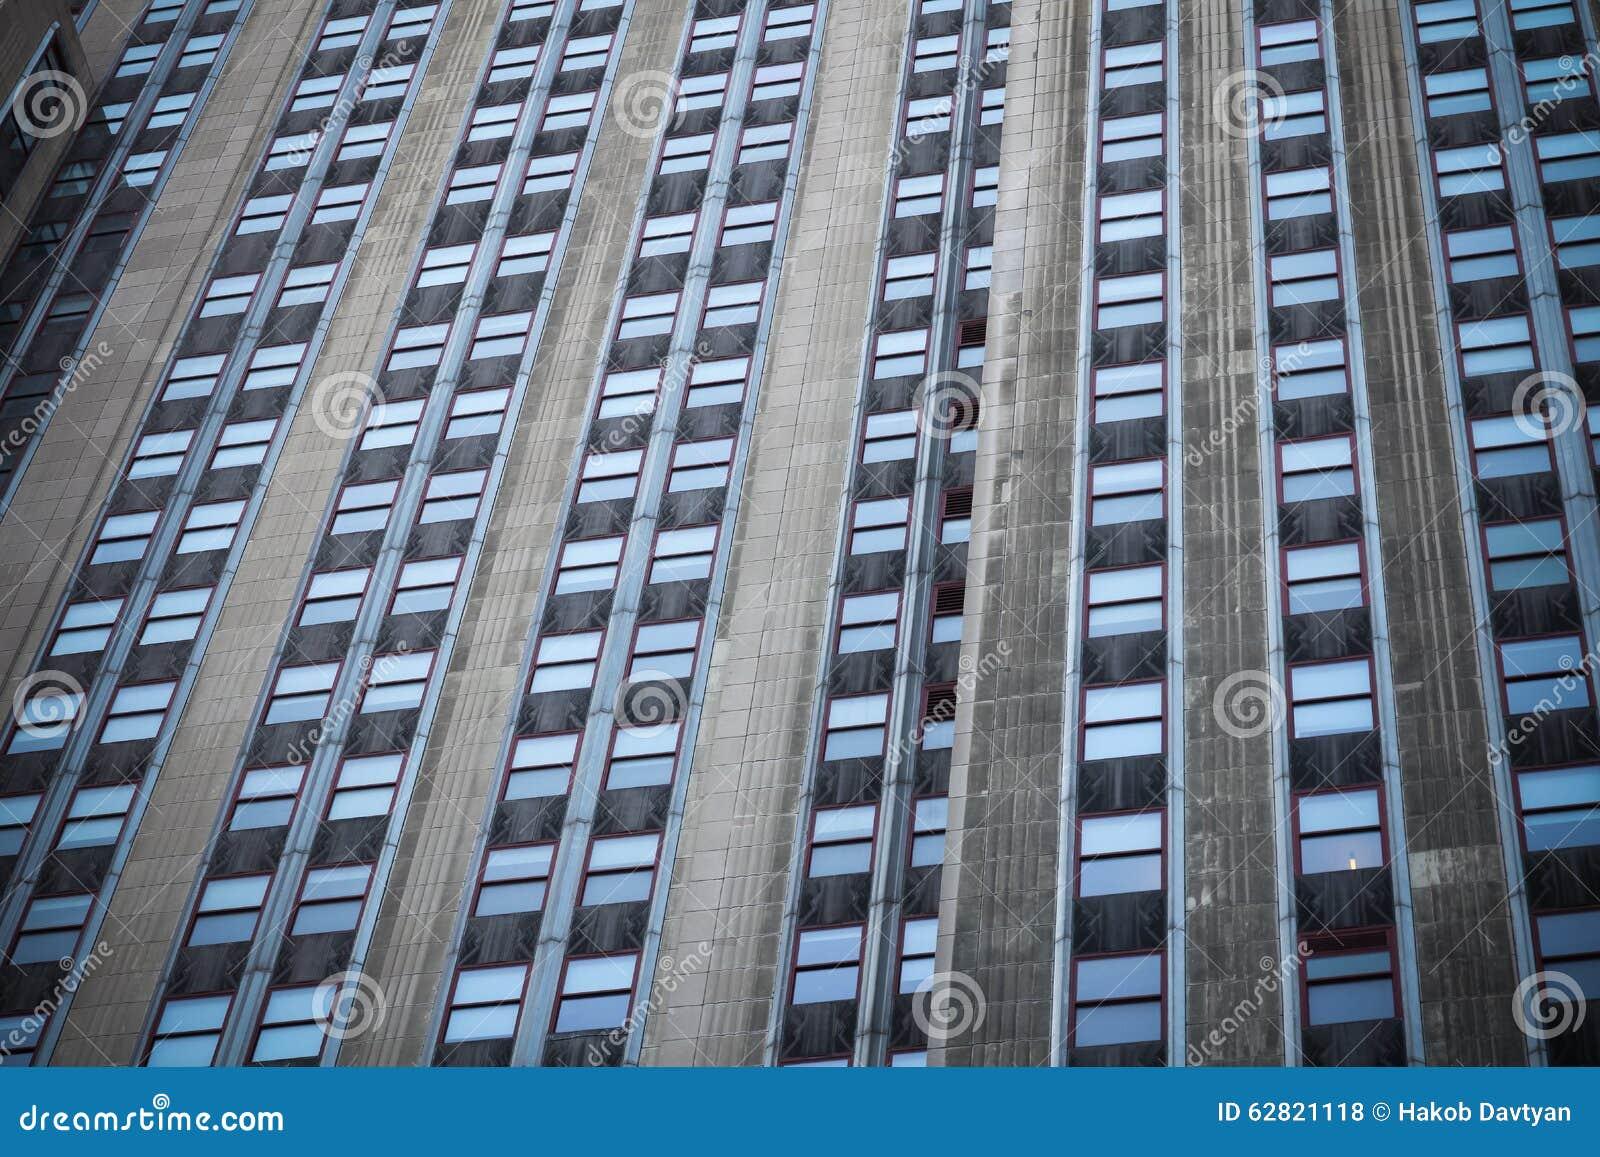 Reich stete Gebäude